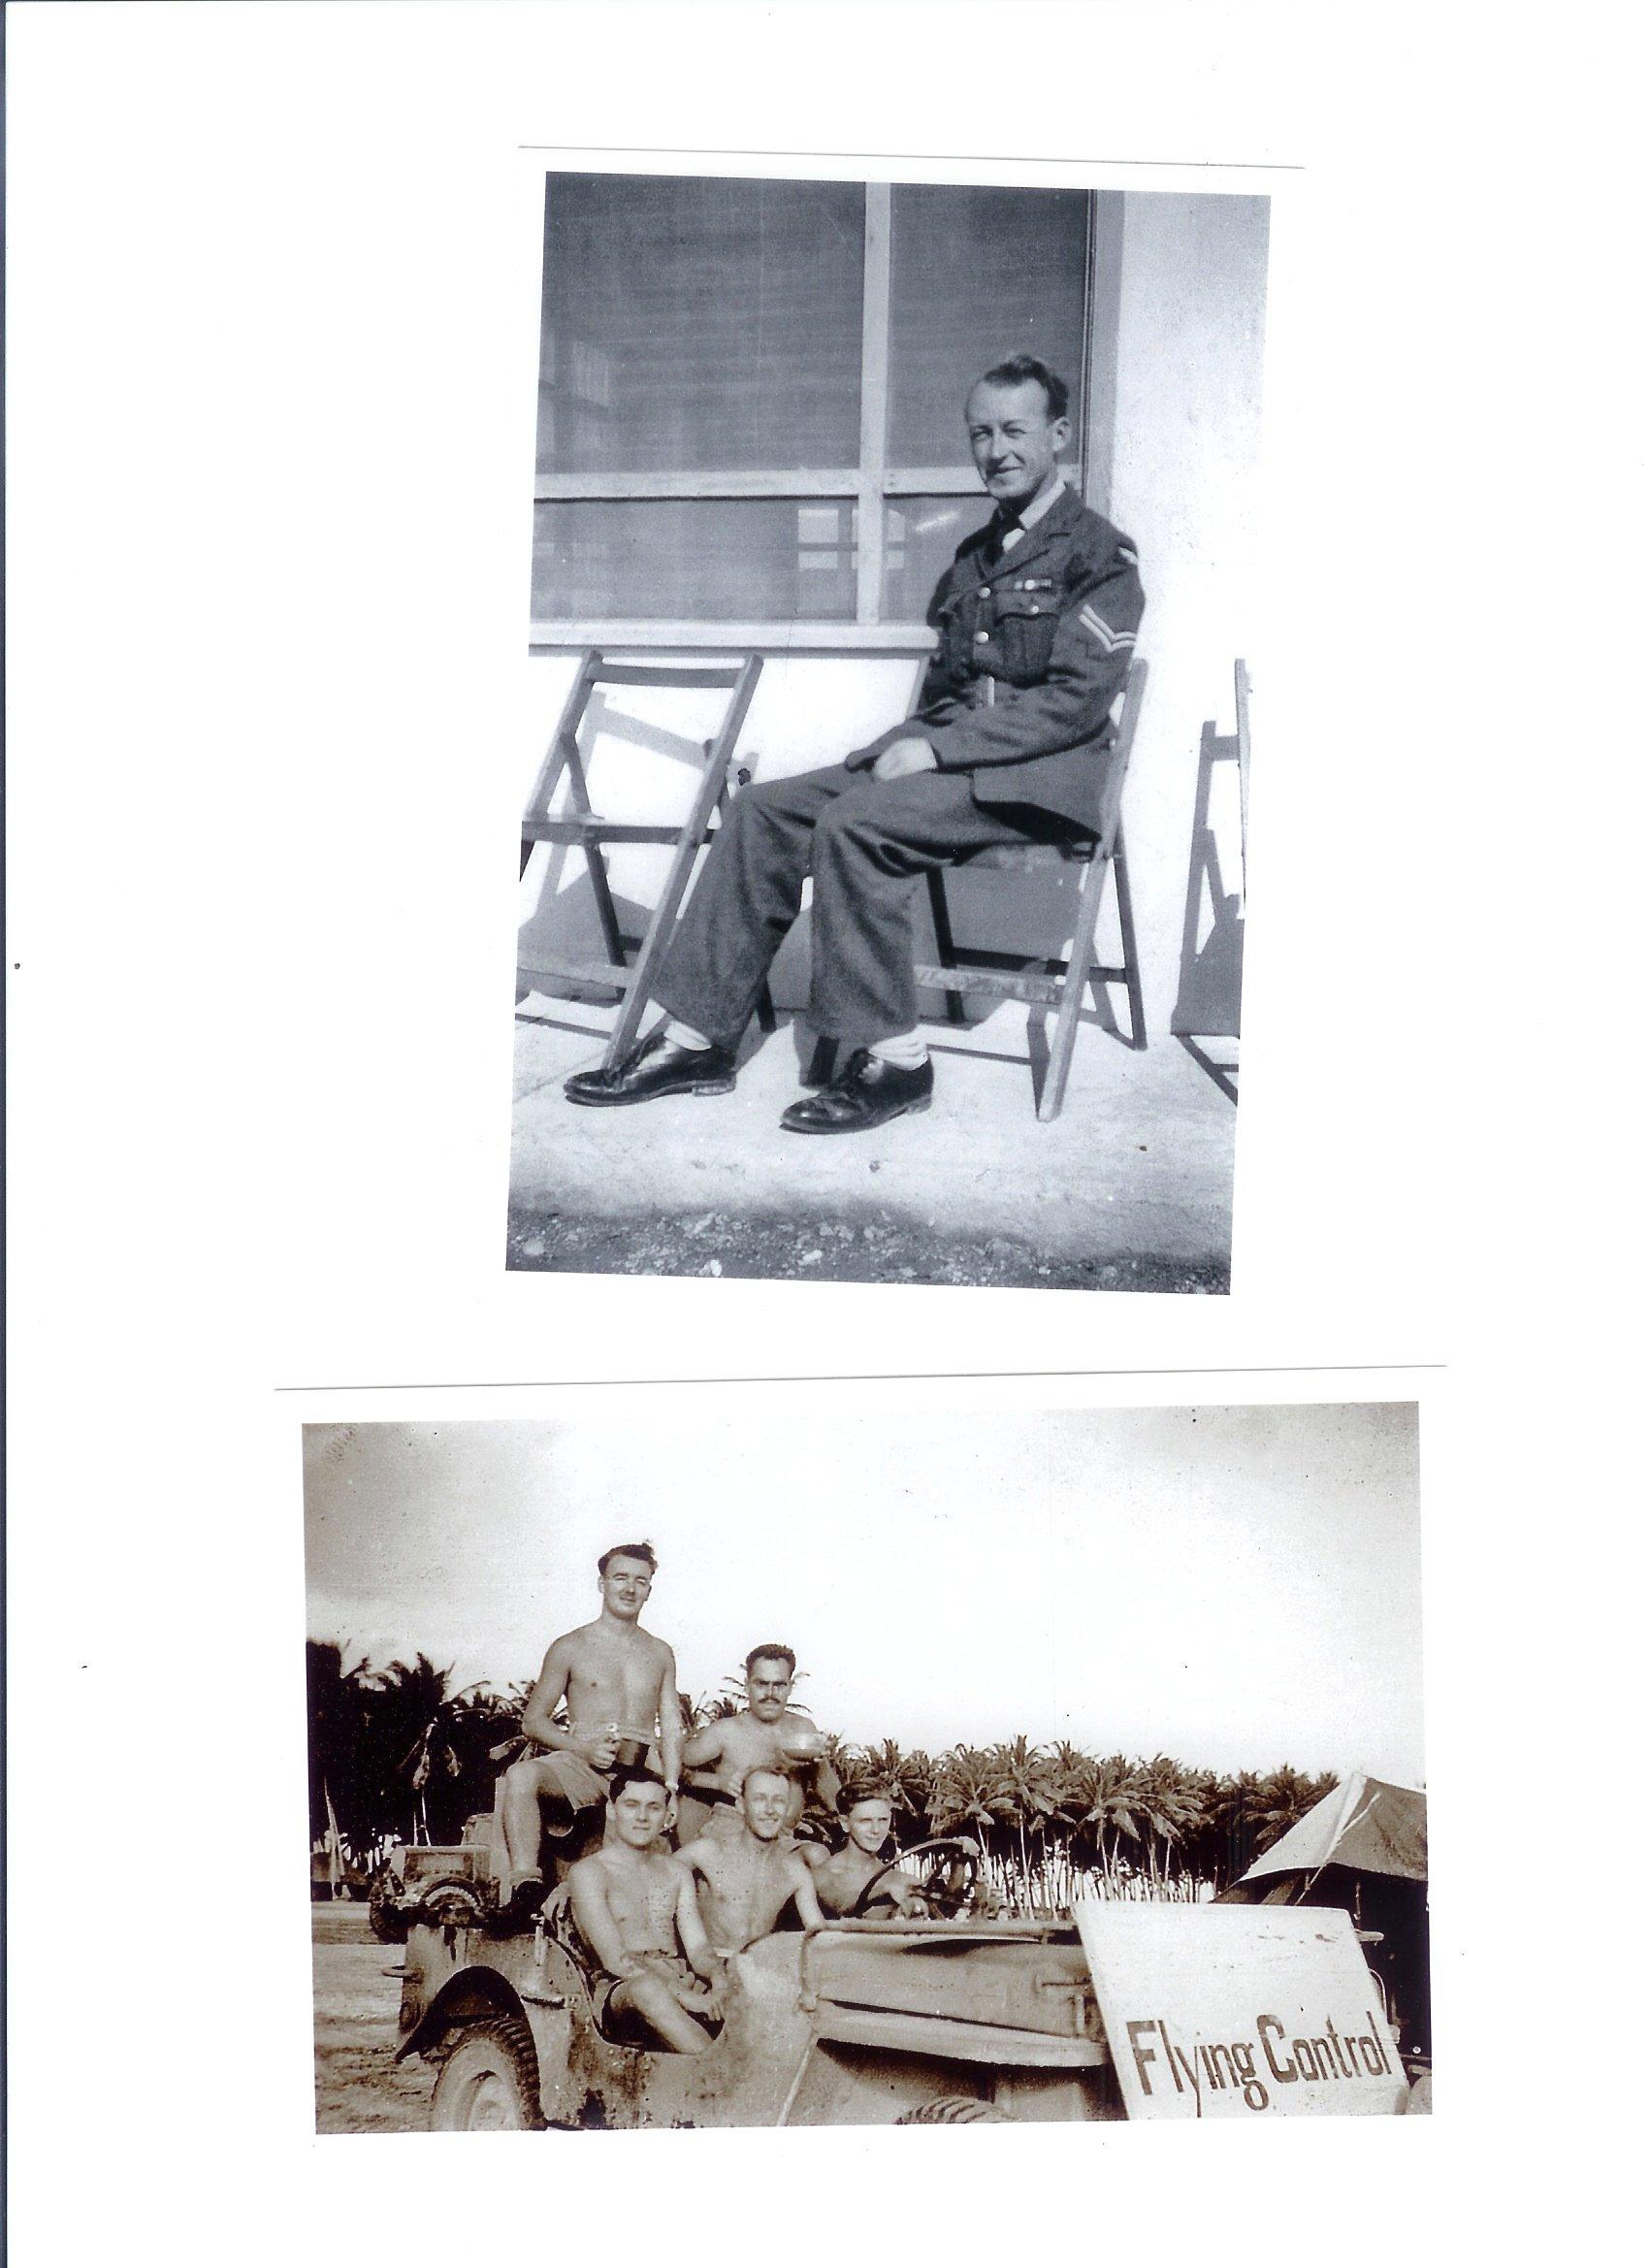 Surviving Battle of Britain air raid